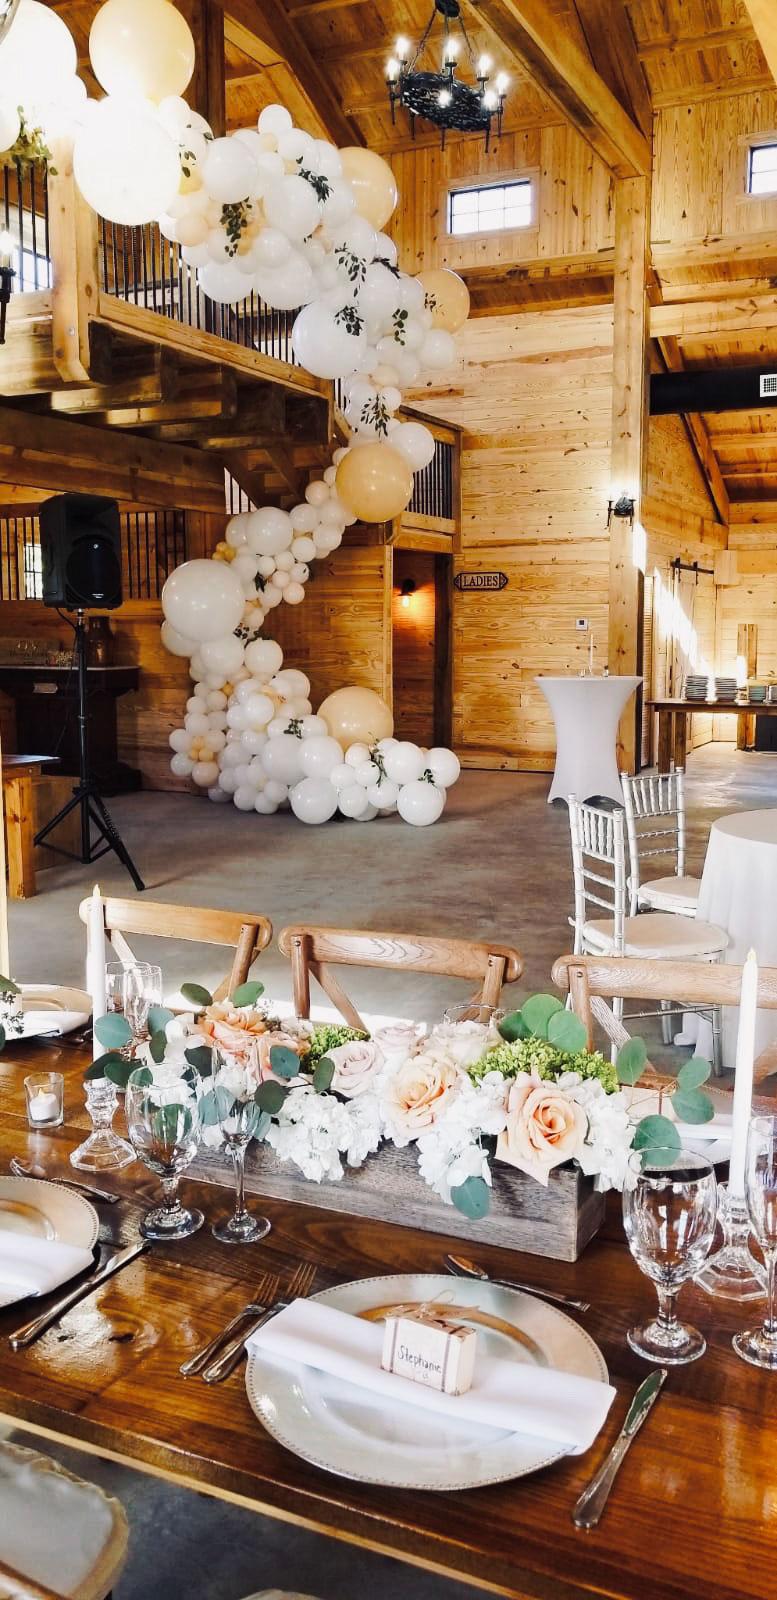 Barn Weddings and Table set up decor